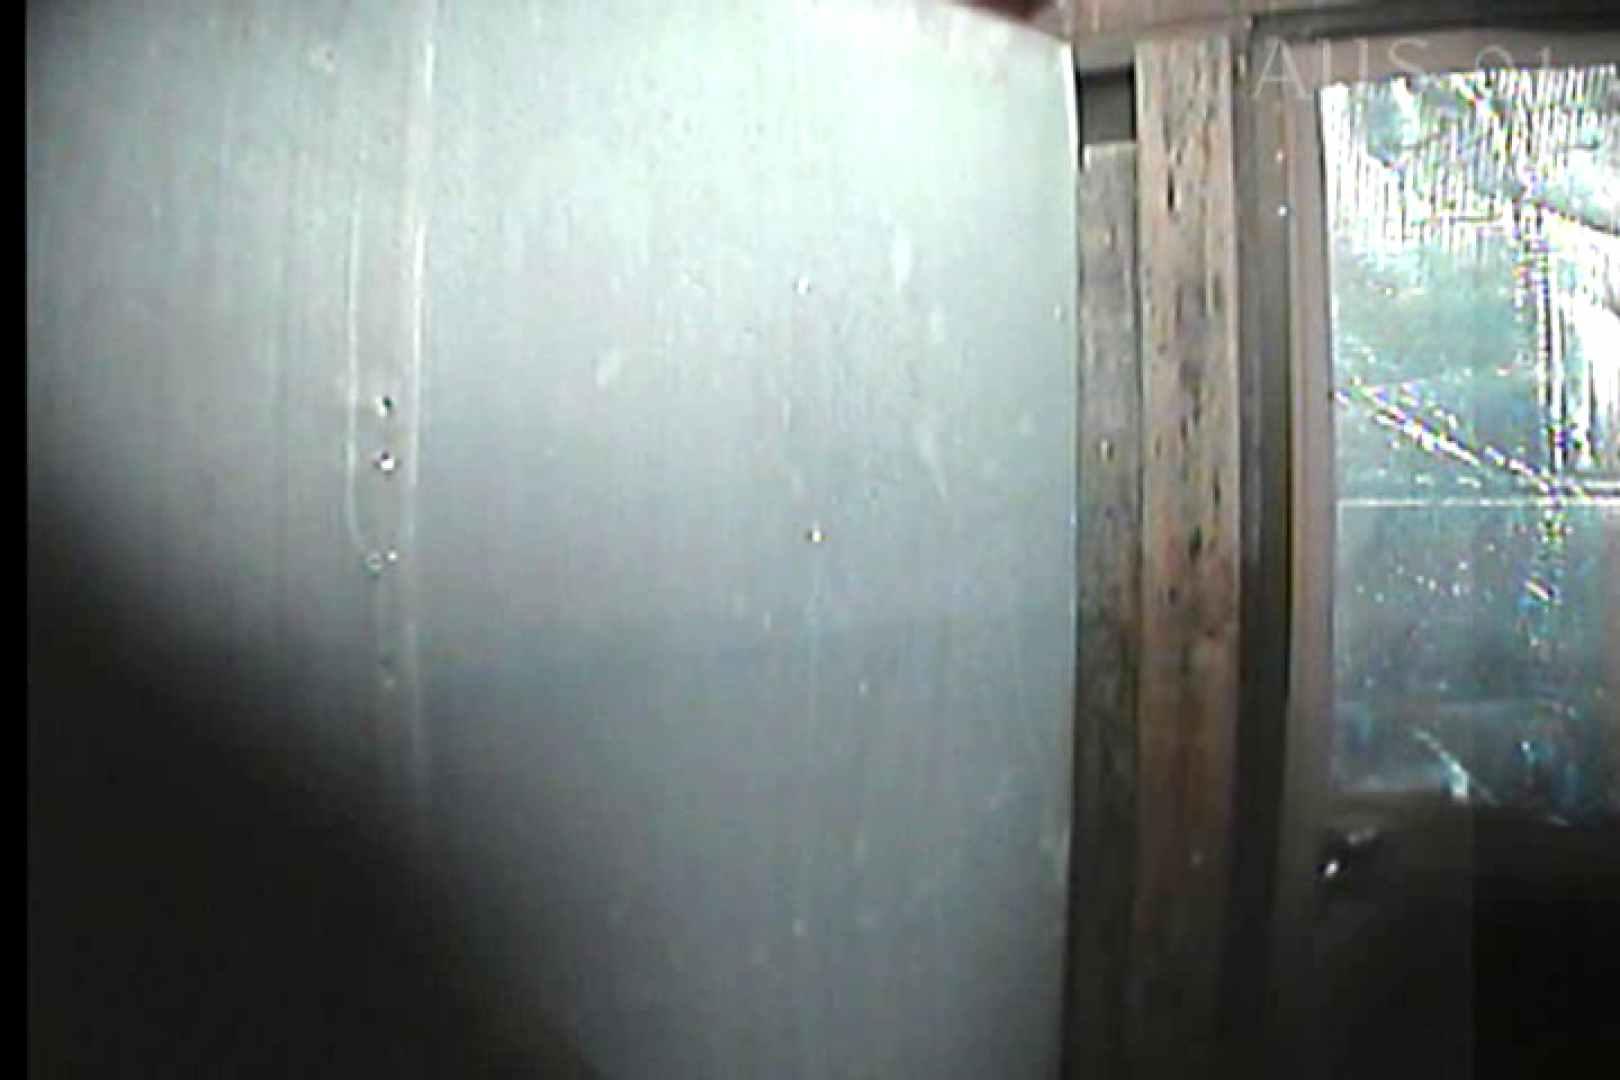 露天風呂脱衣所お着替え盗撮 Vol.01 着替えシーン スケベ動画紹介 53連発 52